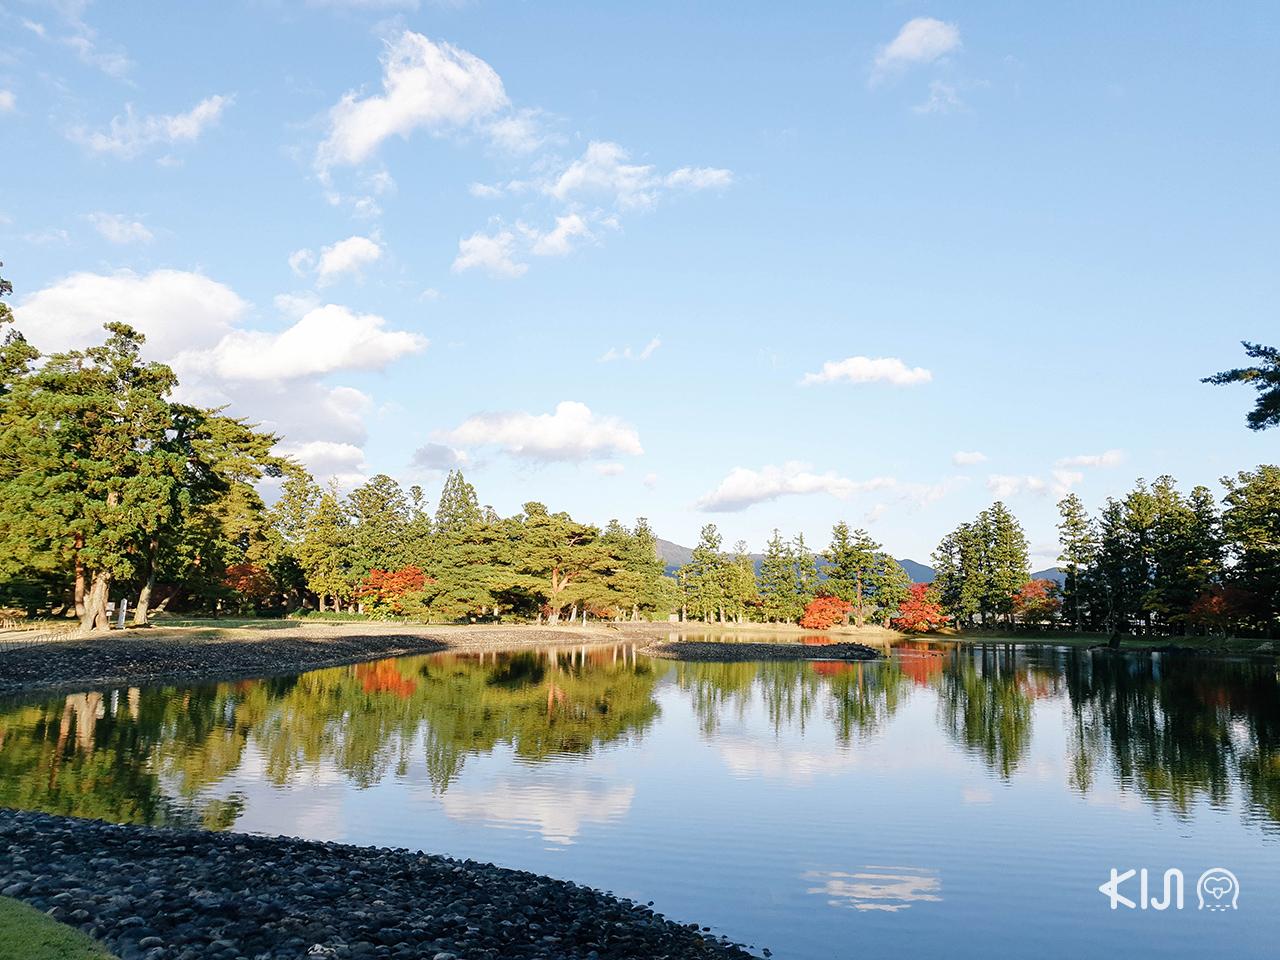 บรรยากาศ ใบไม้เปลี่ยนสี ใน โทโฮคุ ที่ Motsuji Temple